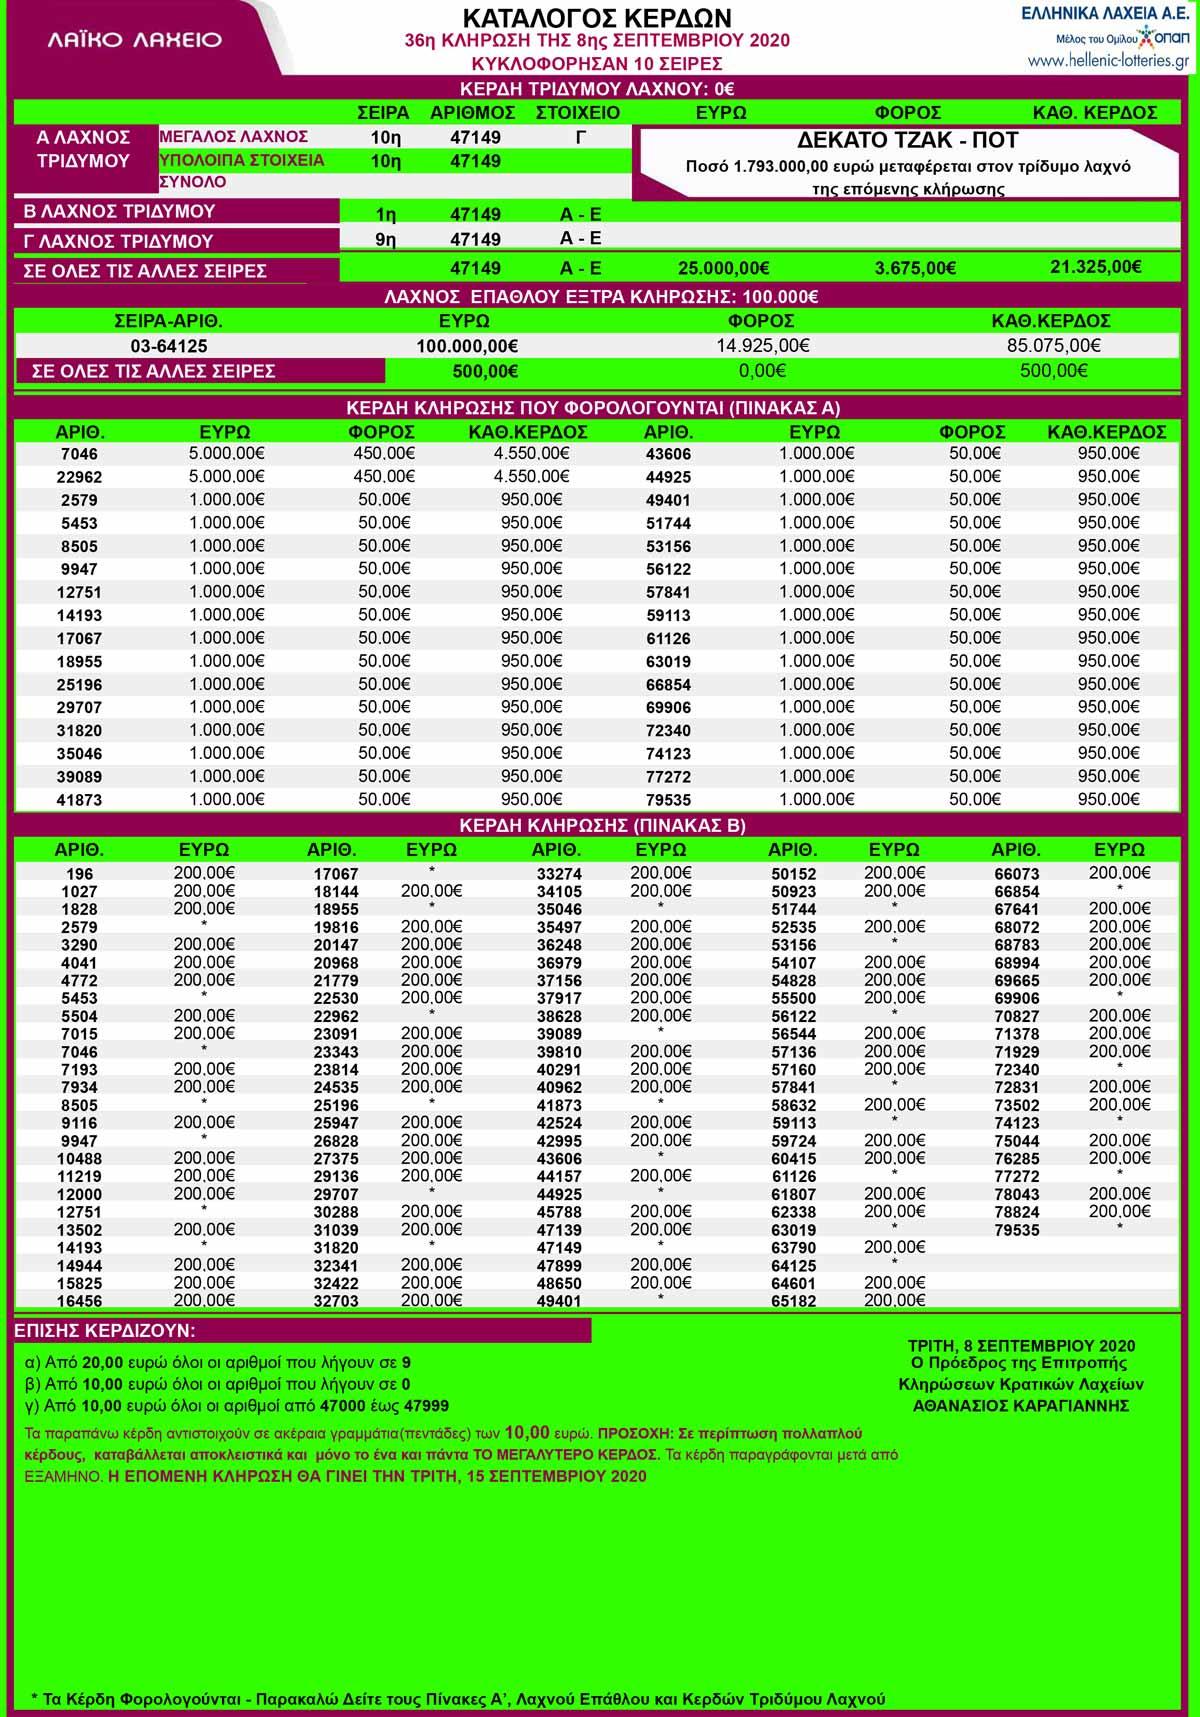 laiko-laxeio-08-09-2020-klhrosh-36-laikoy-laxeioy-apotelesmata-klhroshs-